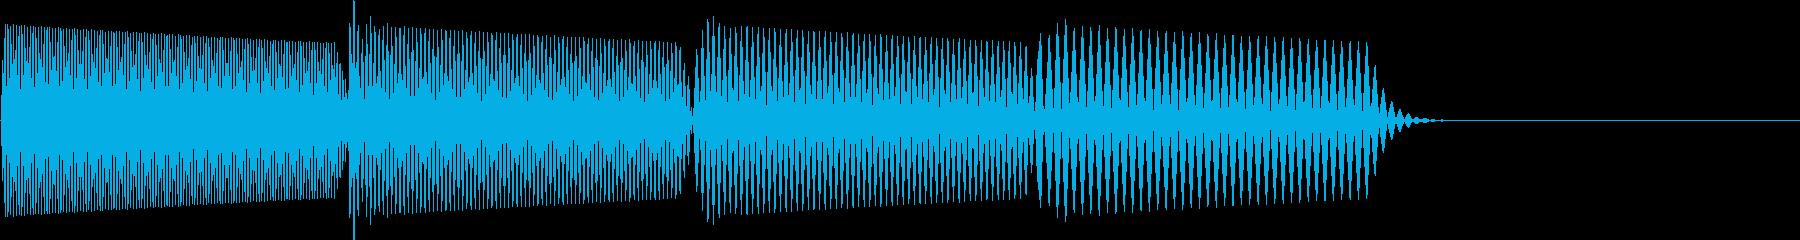 ピロロロ↓(攻撃ミス、やり直し、マシン)の再生済みの波形